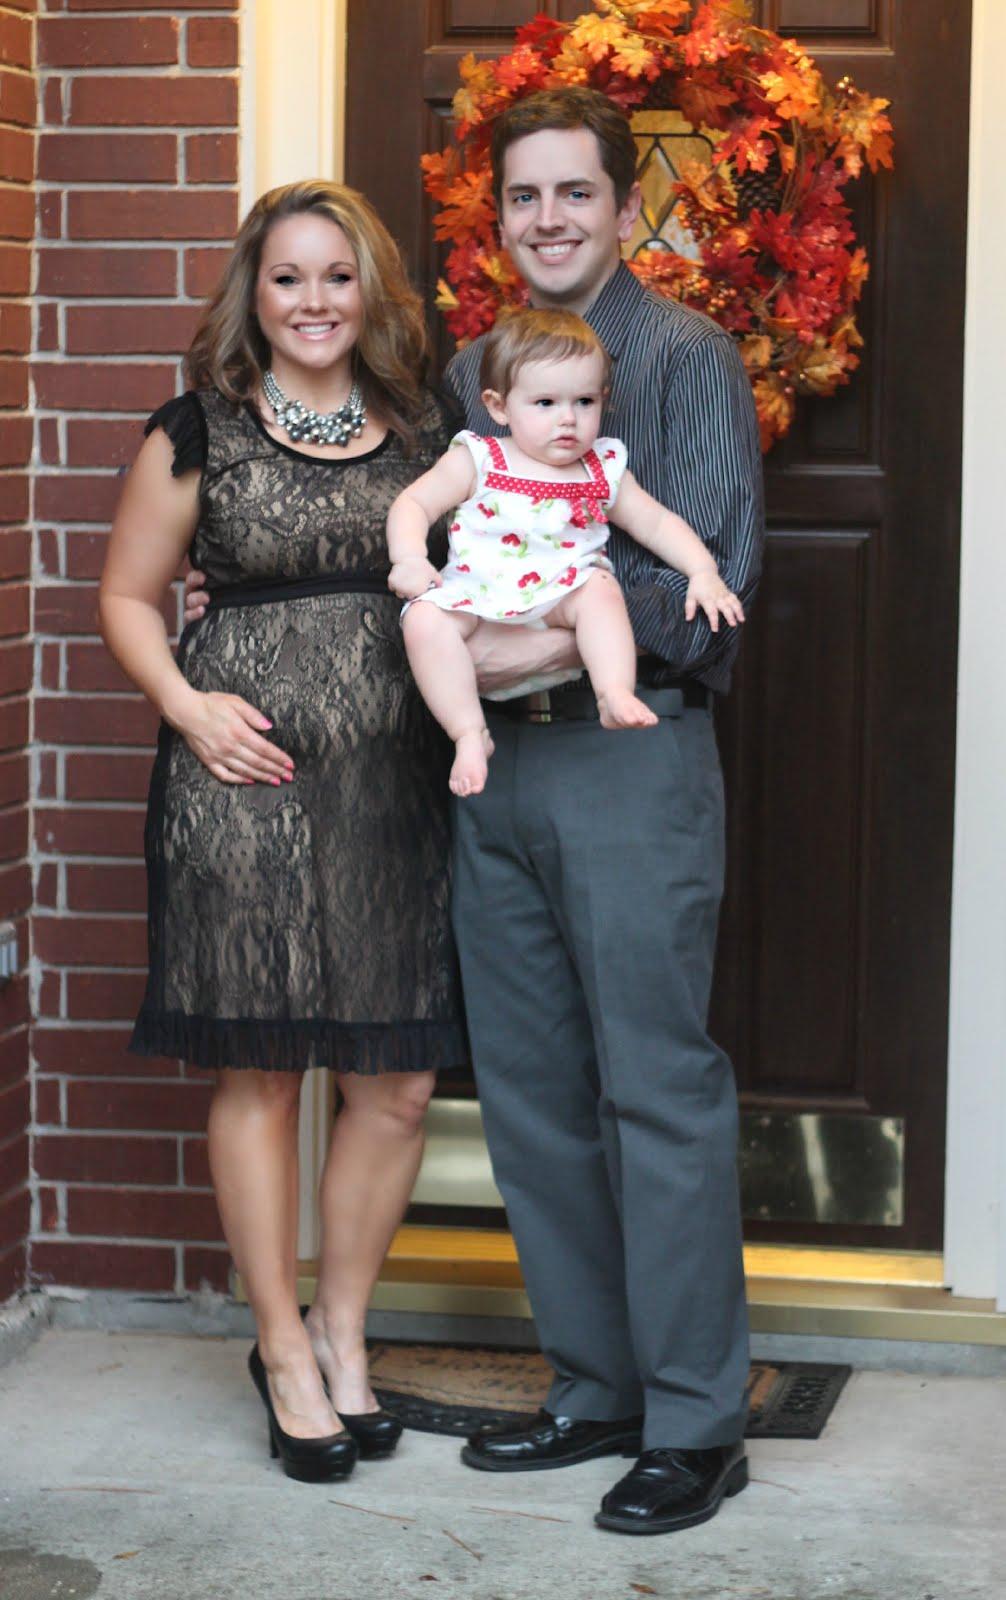 Todd, Camilla & I